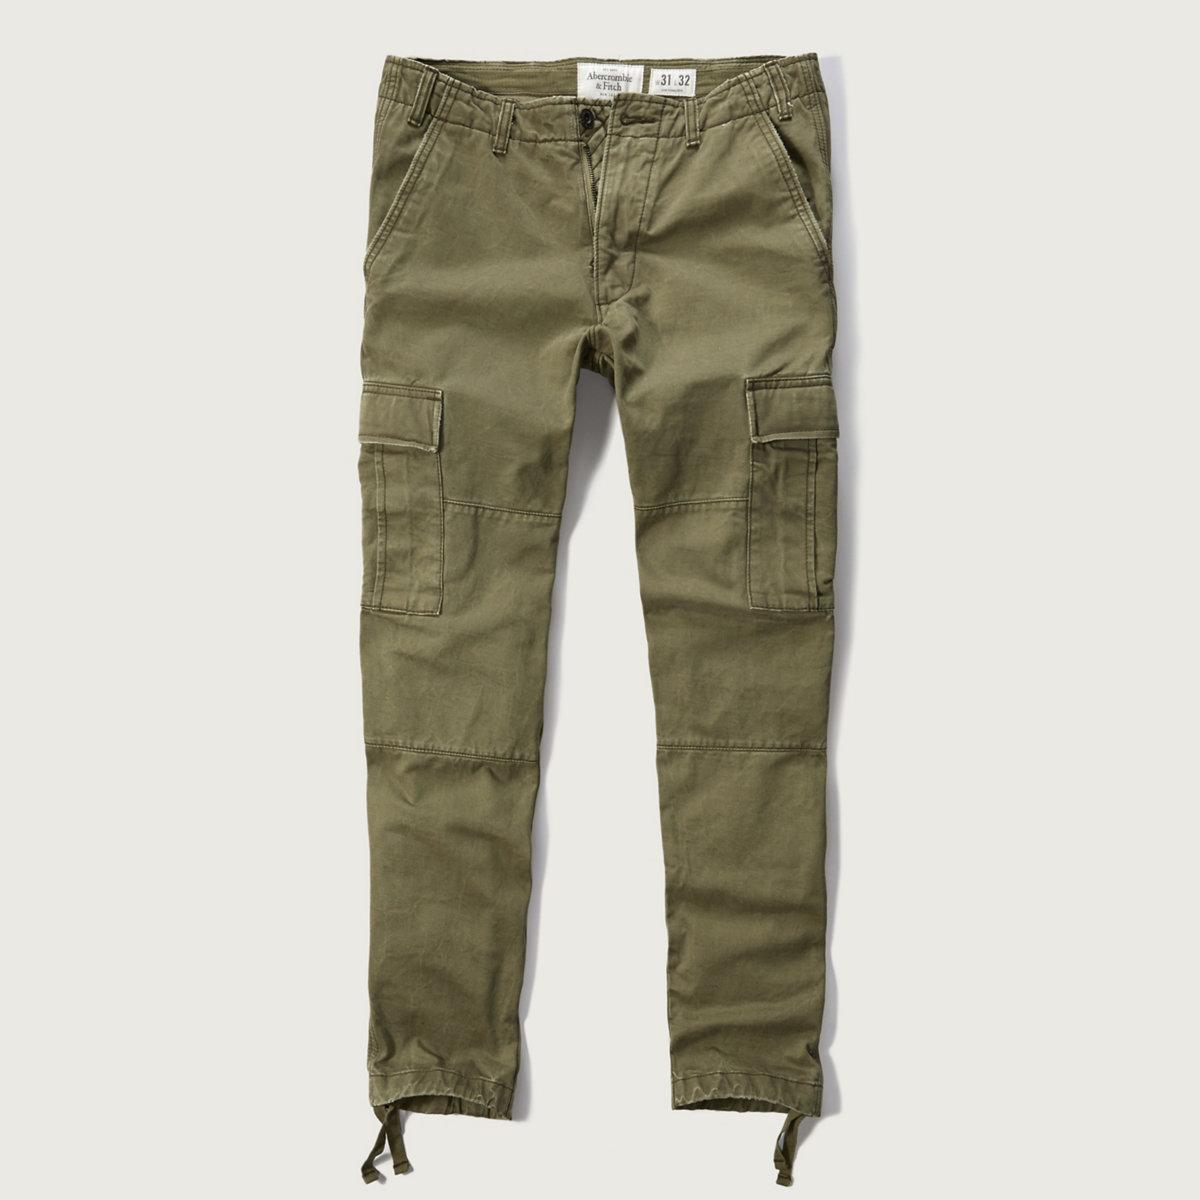 Slim Straight Cargo Chino Pants